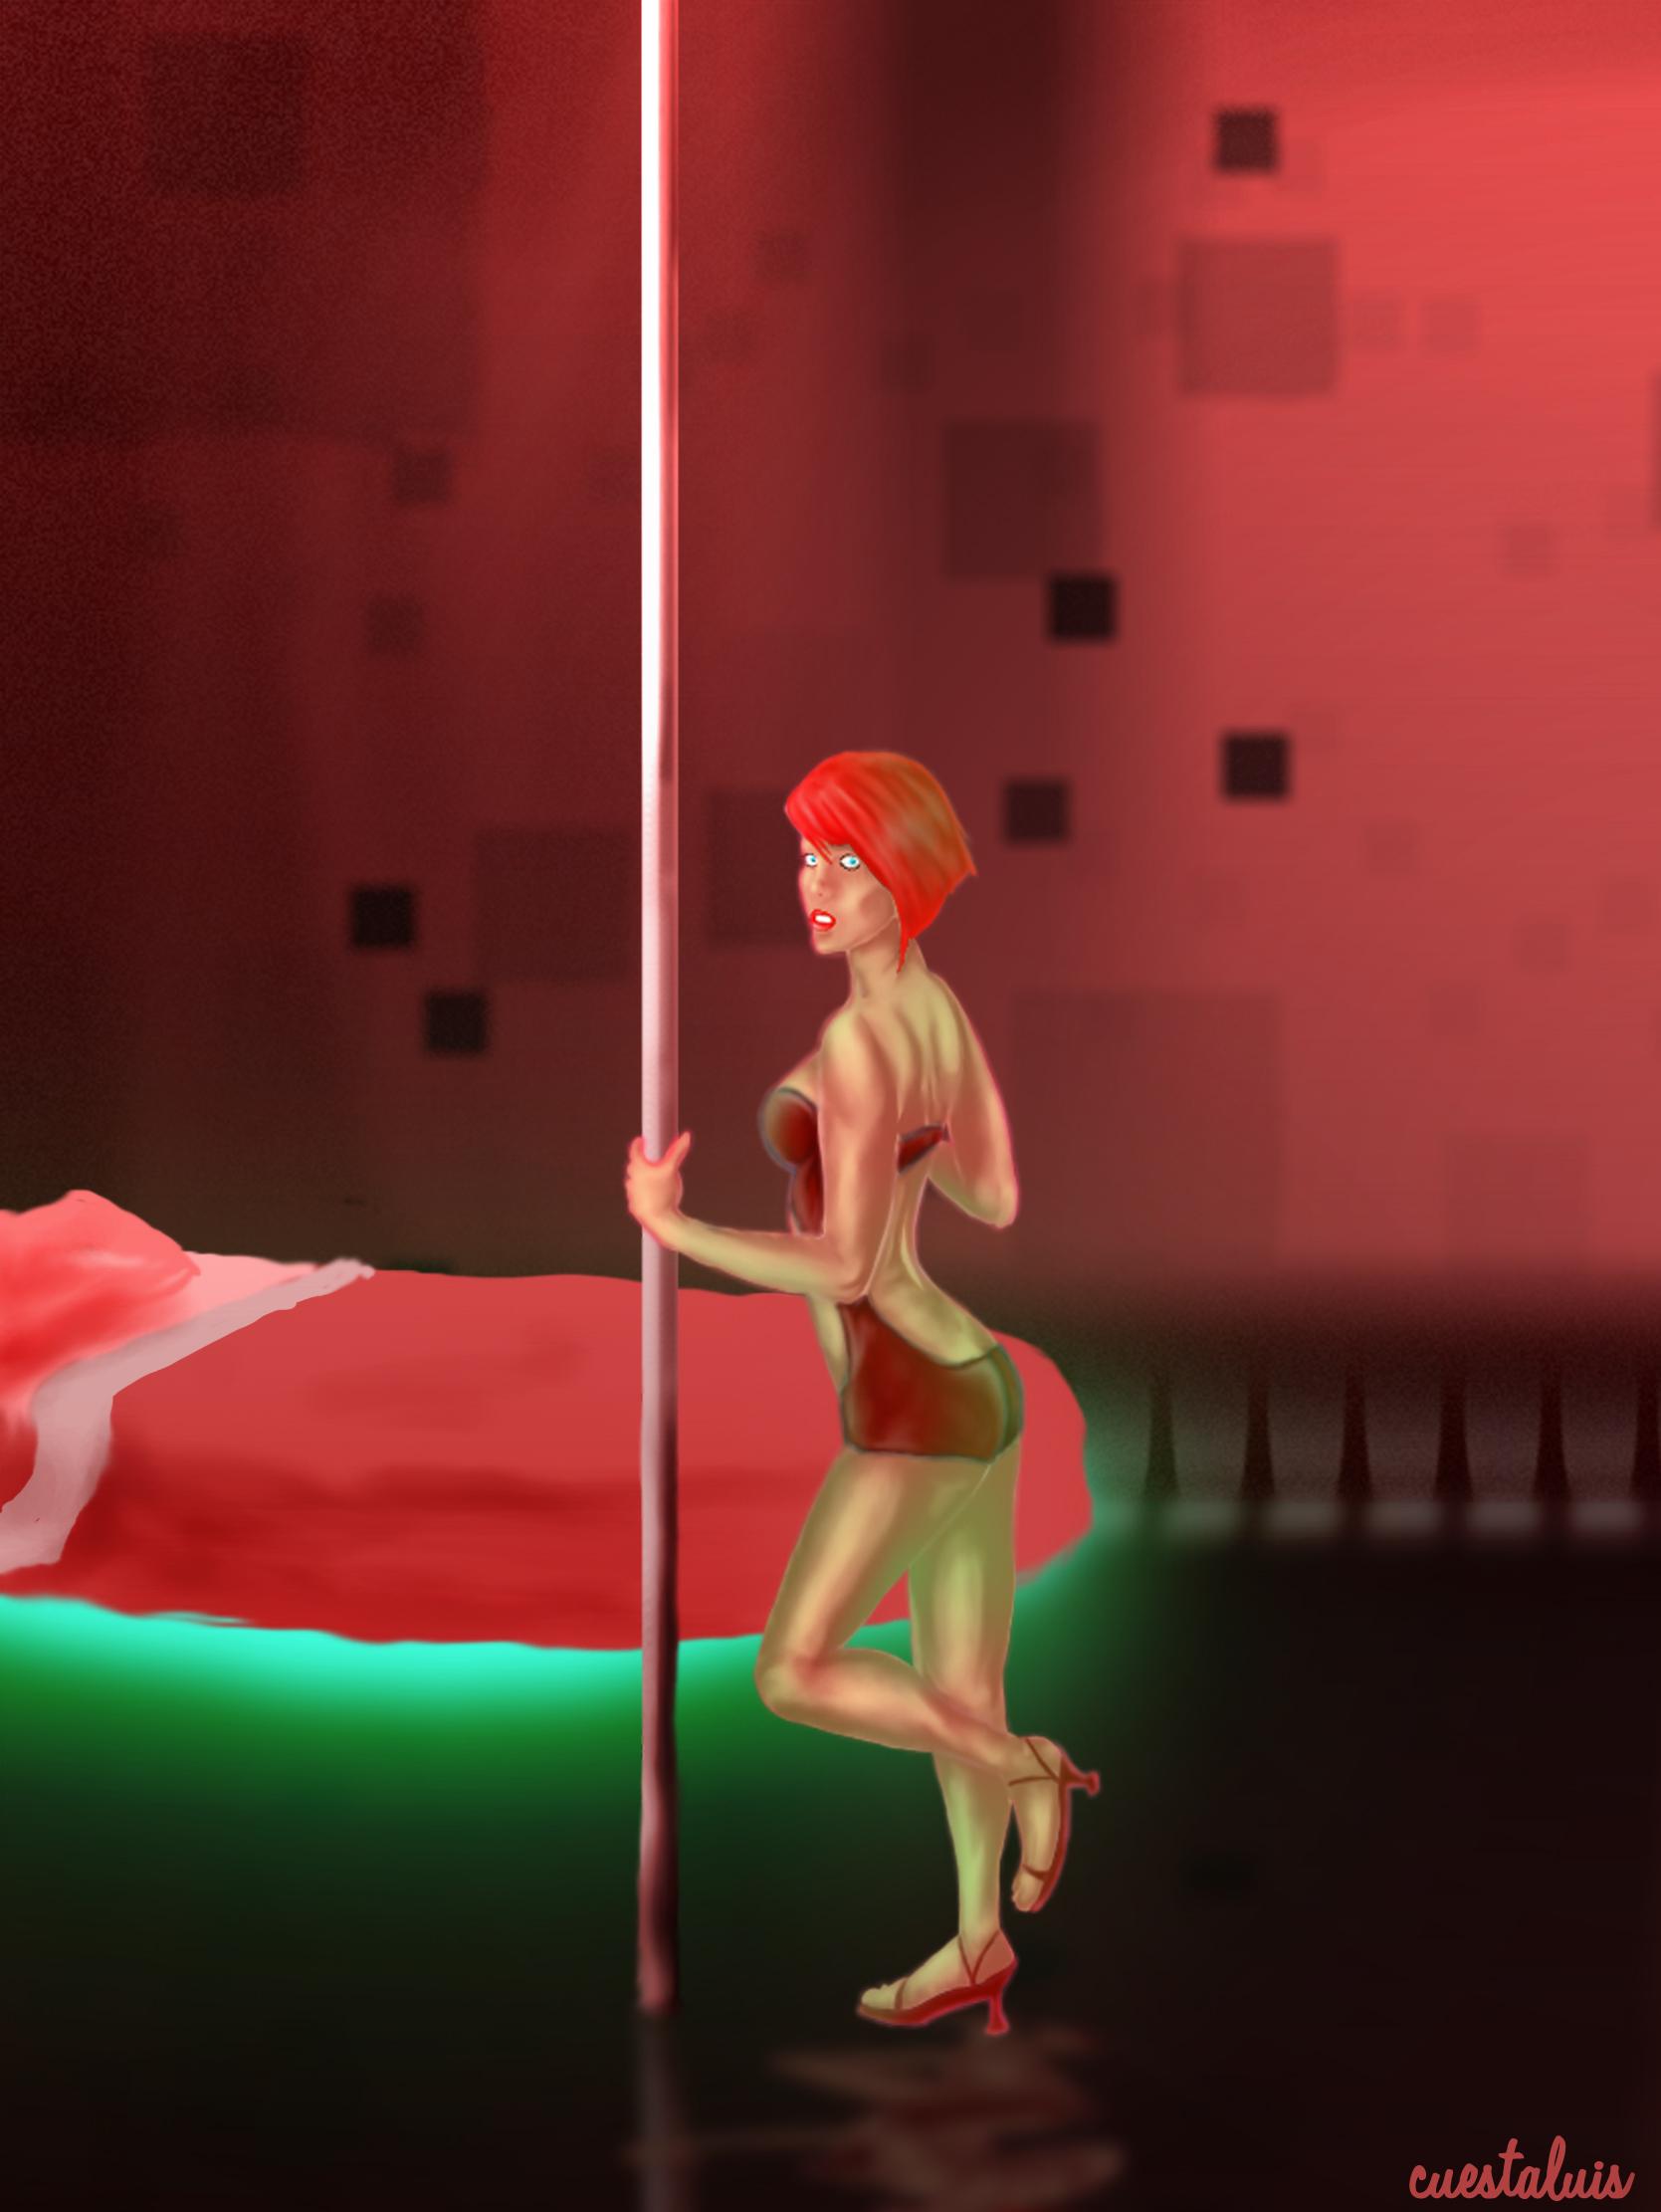 bedroom pole